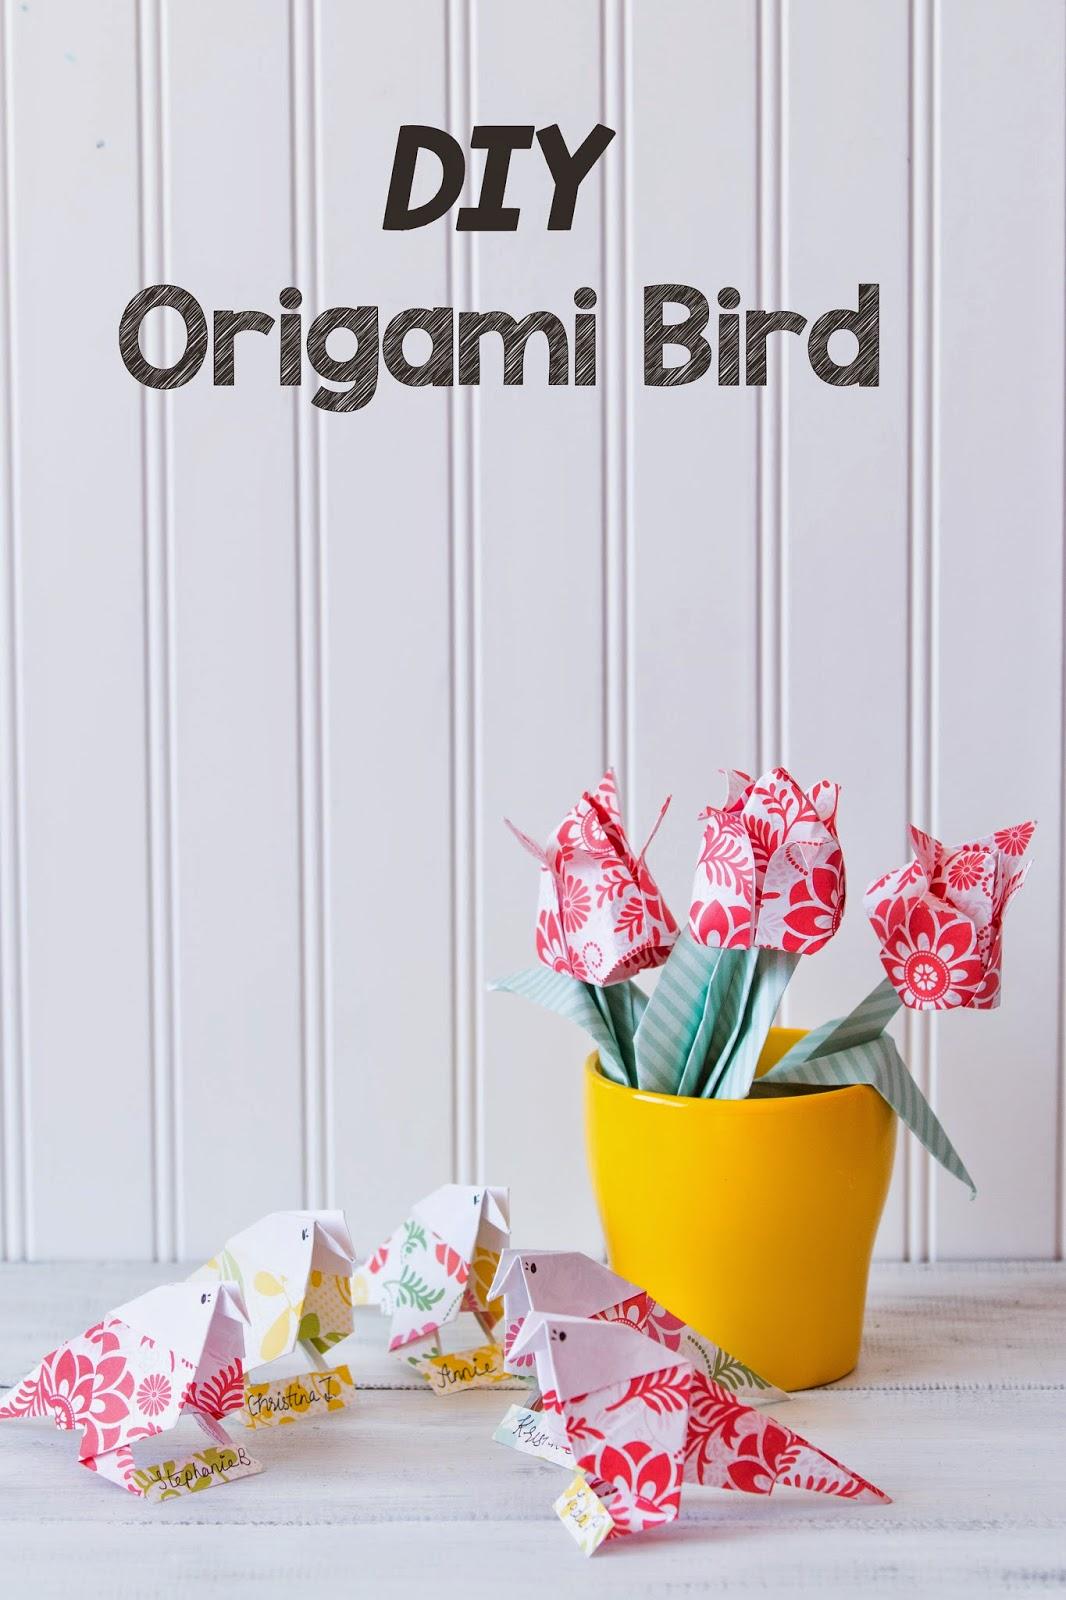 origami bird paper craft